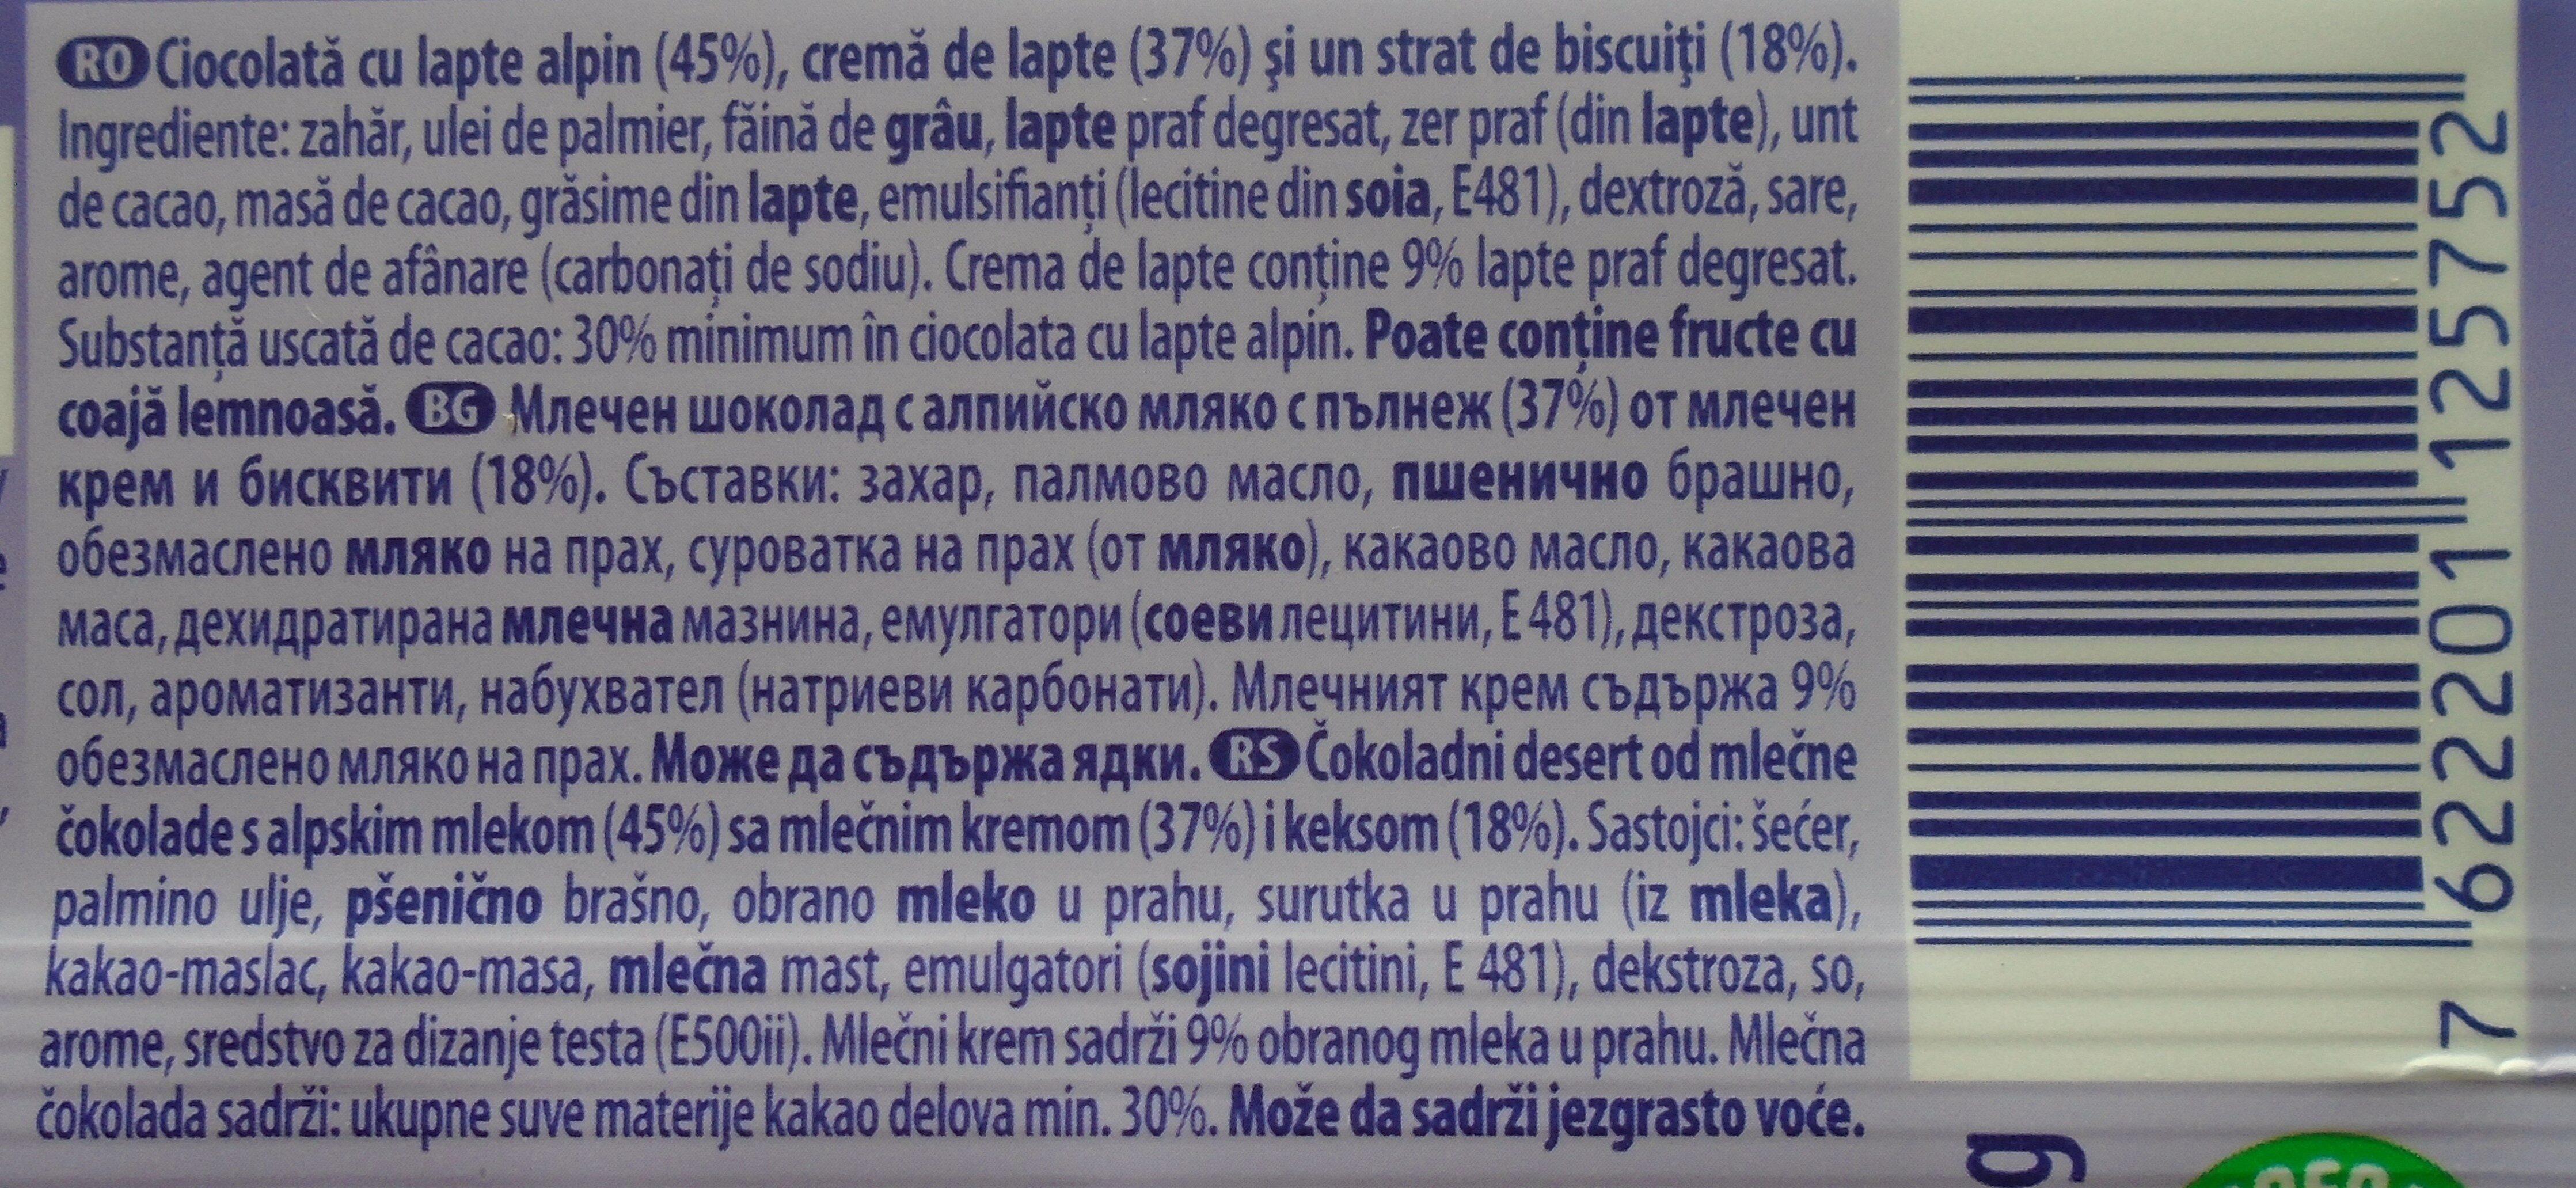 Milka Cremă și biscuit - Ingrédients - ro